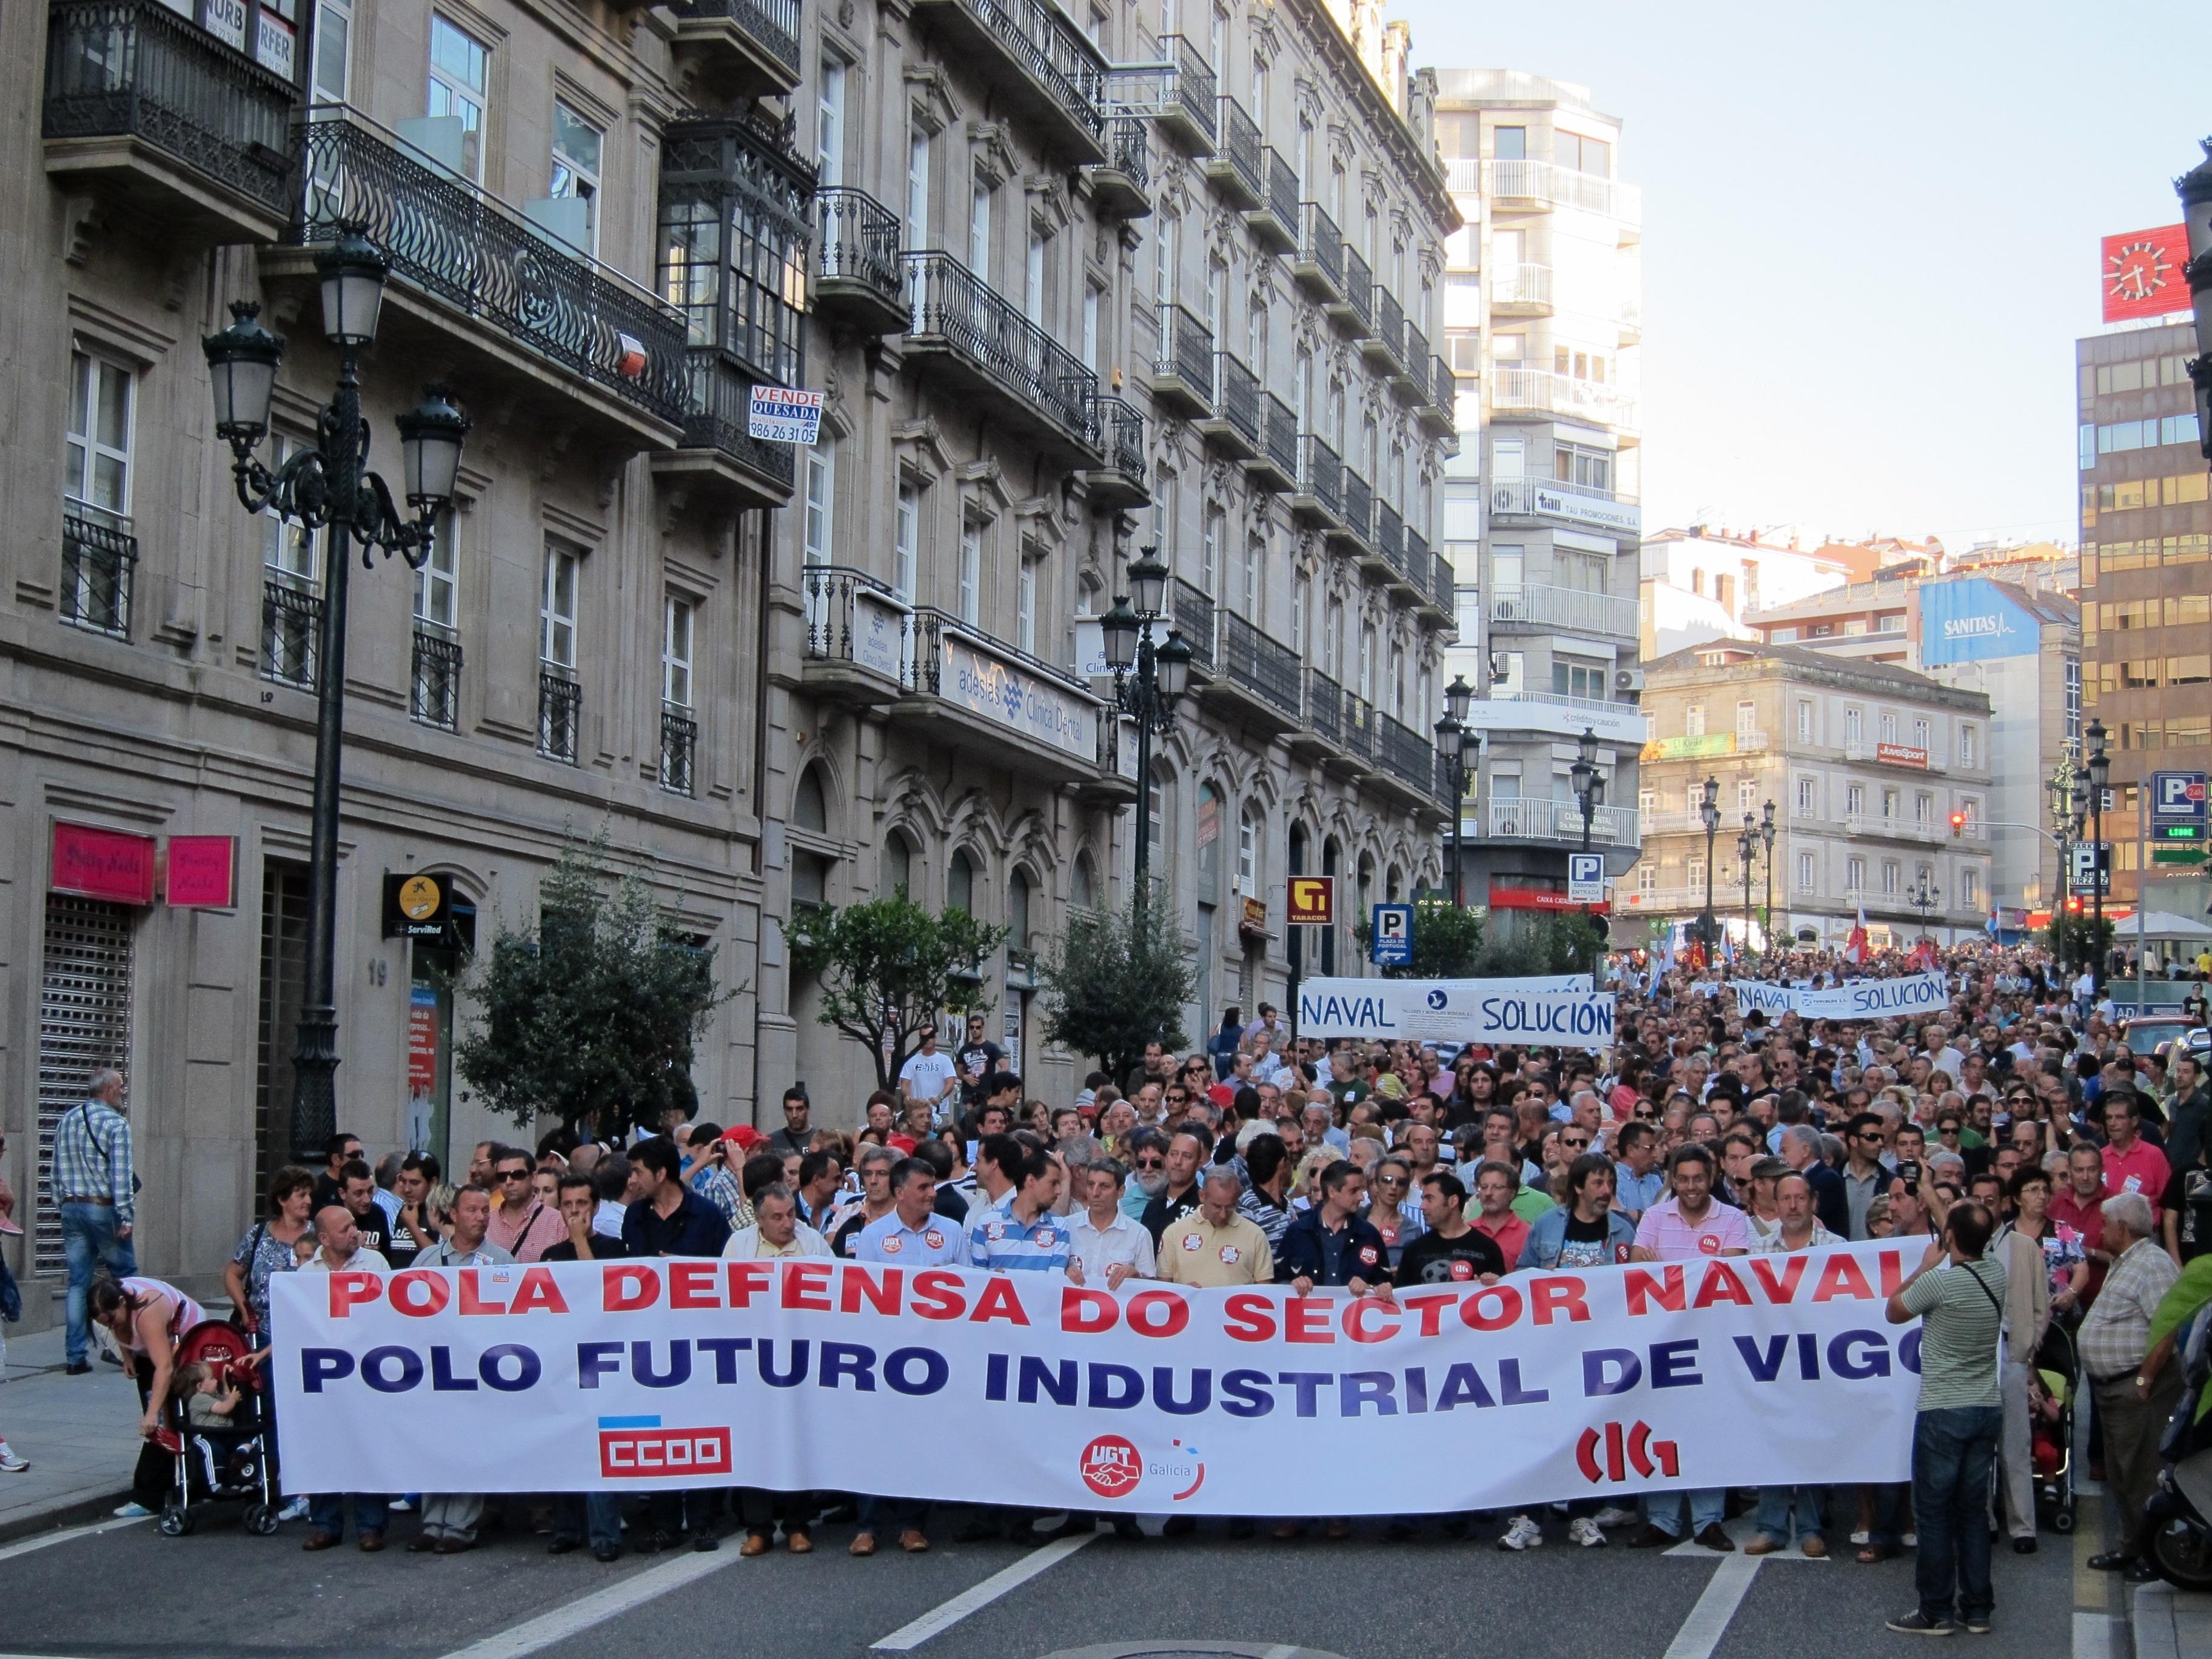 El Gobierno, Pymar, sindicatos y los presidentes de Galicia, Asturias y País Vasco buscan un frente común por el naval